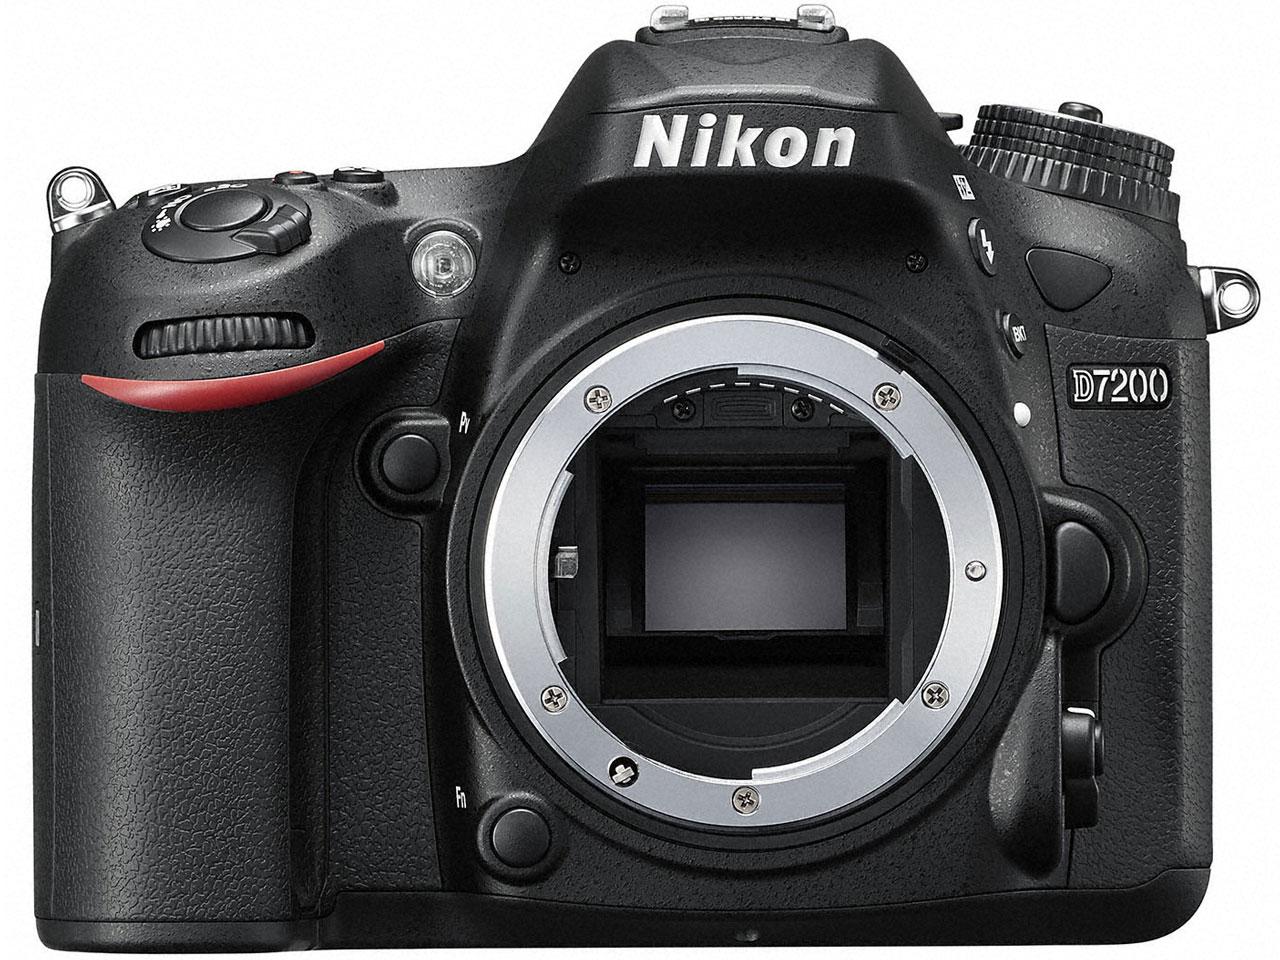 【新品・未使用】 ニコン(Nikon) D7200 ボディ デジタル一眼カメラ 家電